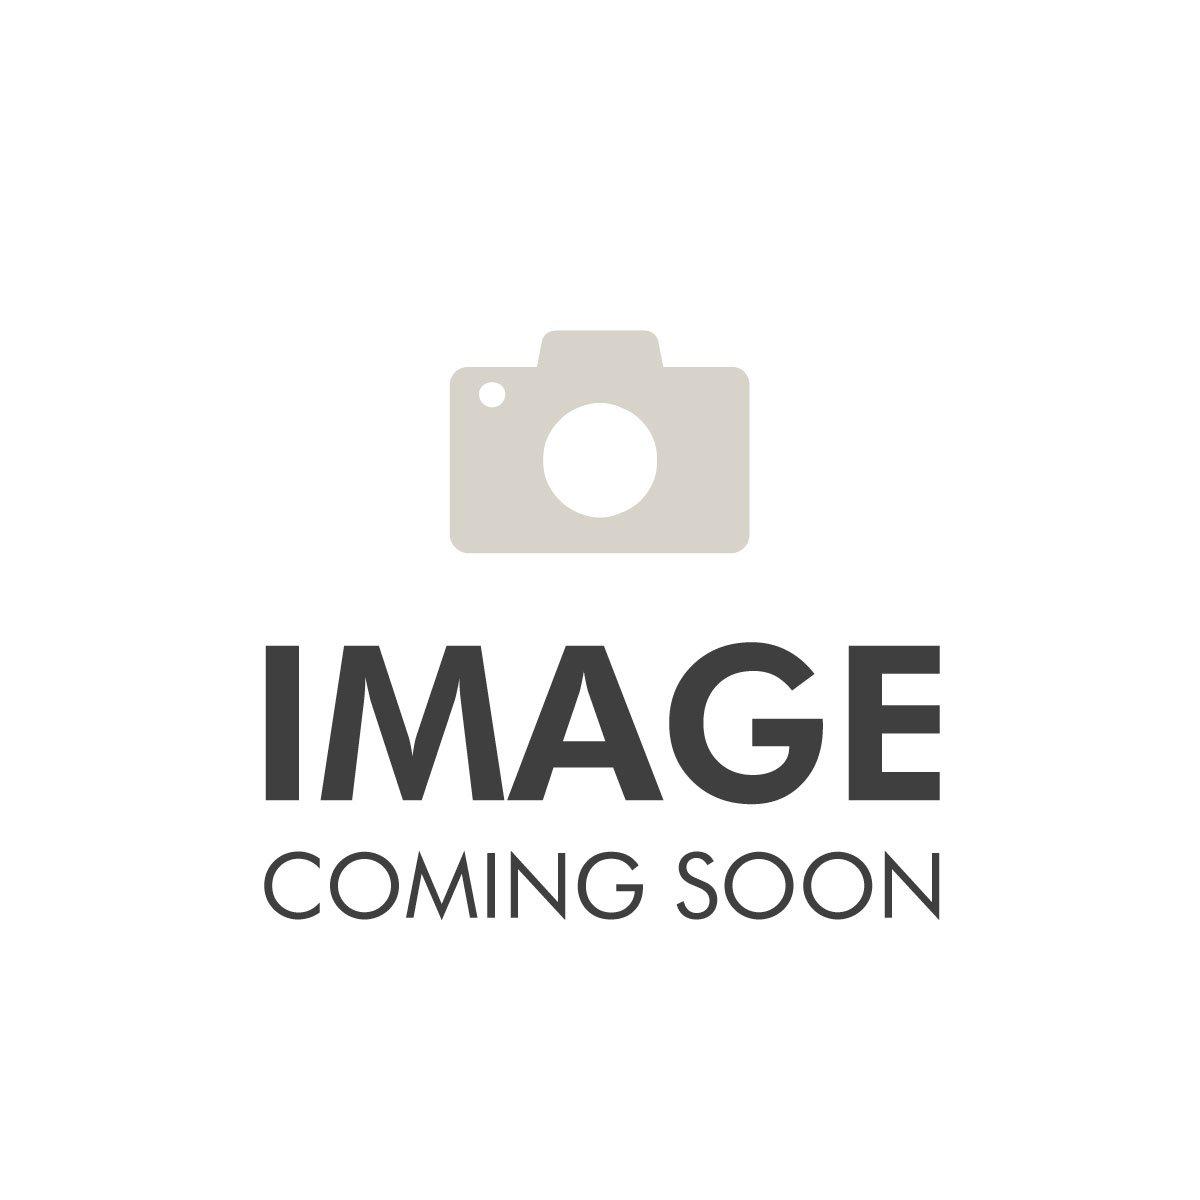 Versace Man Eau Fraîche Eau de Toilette Spray 50ml